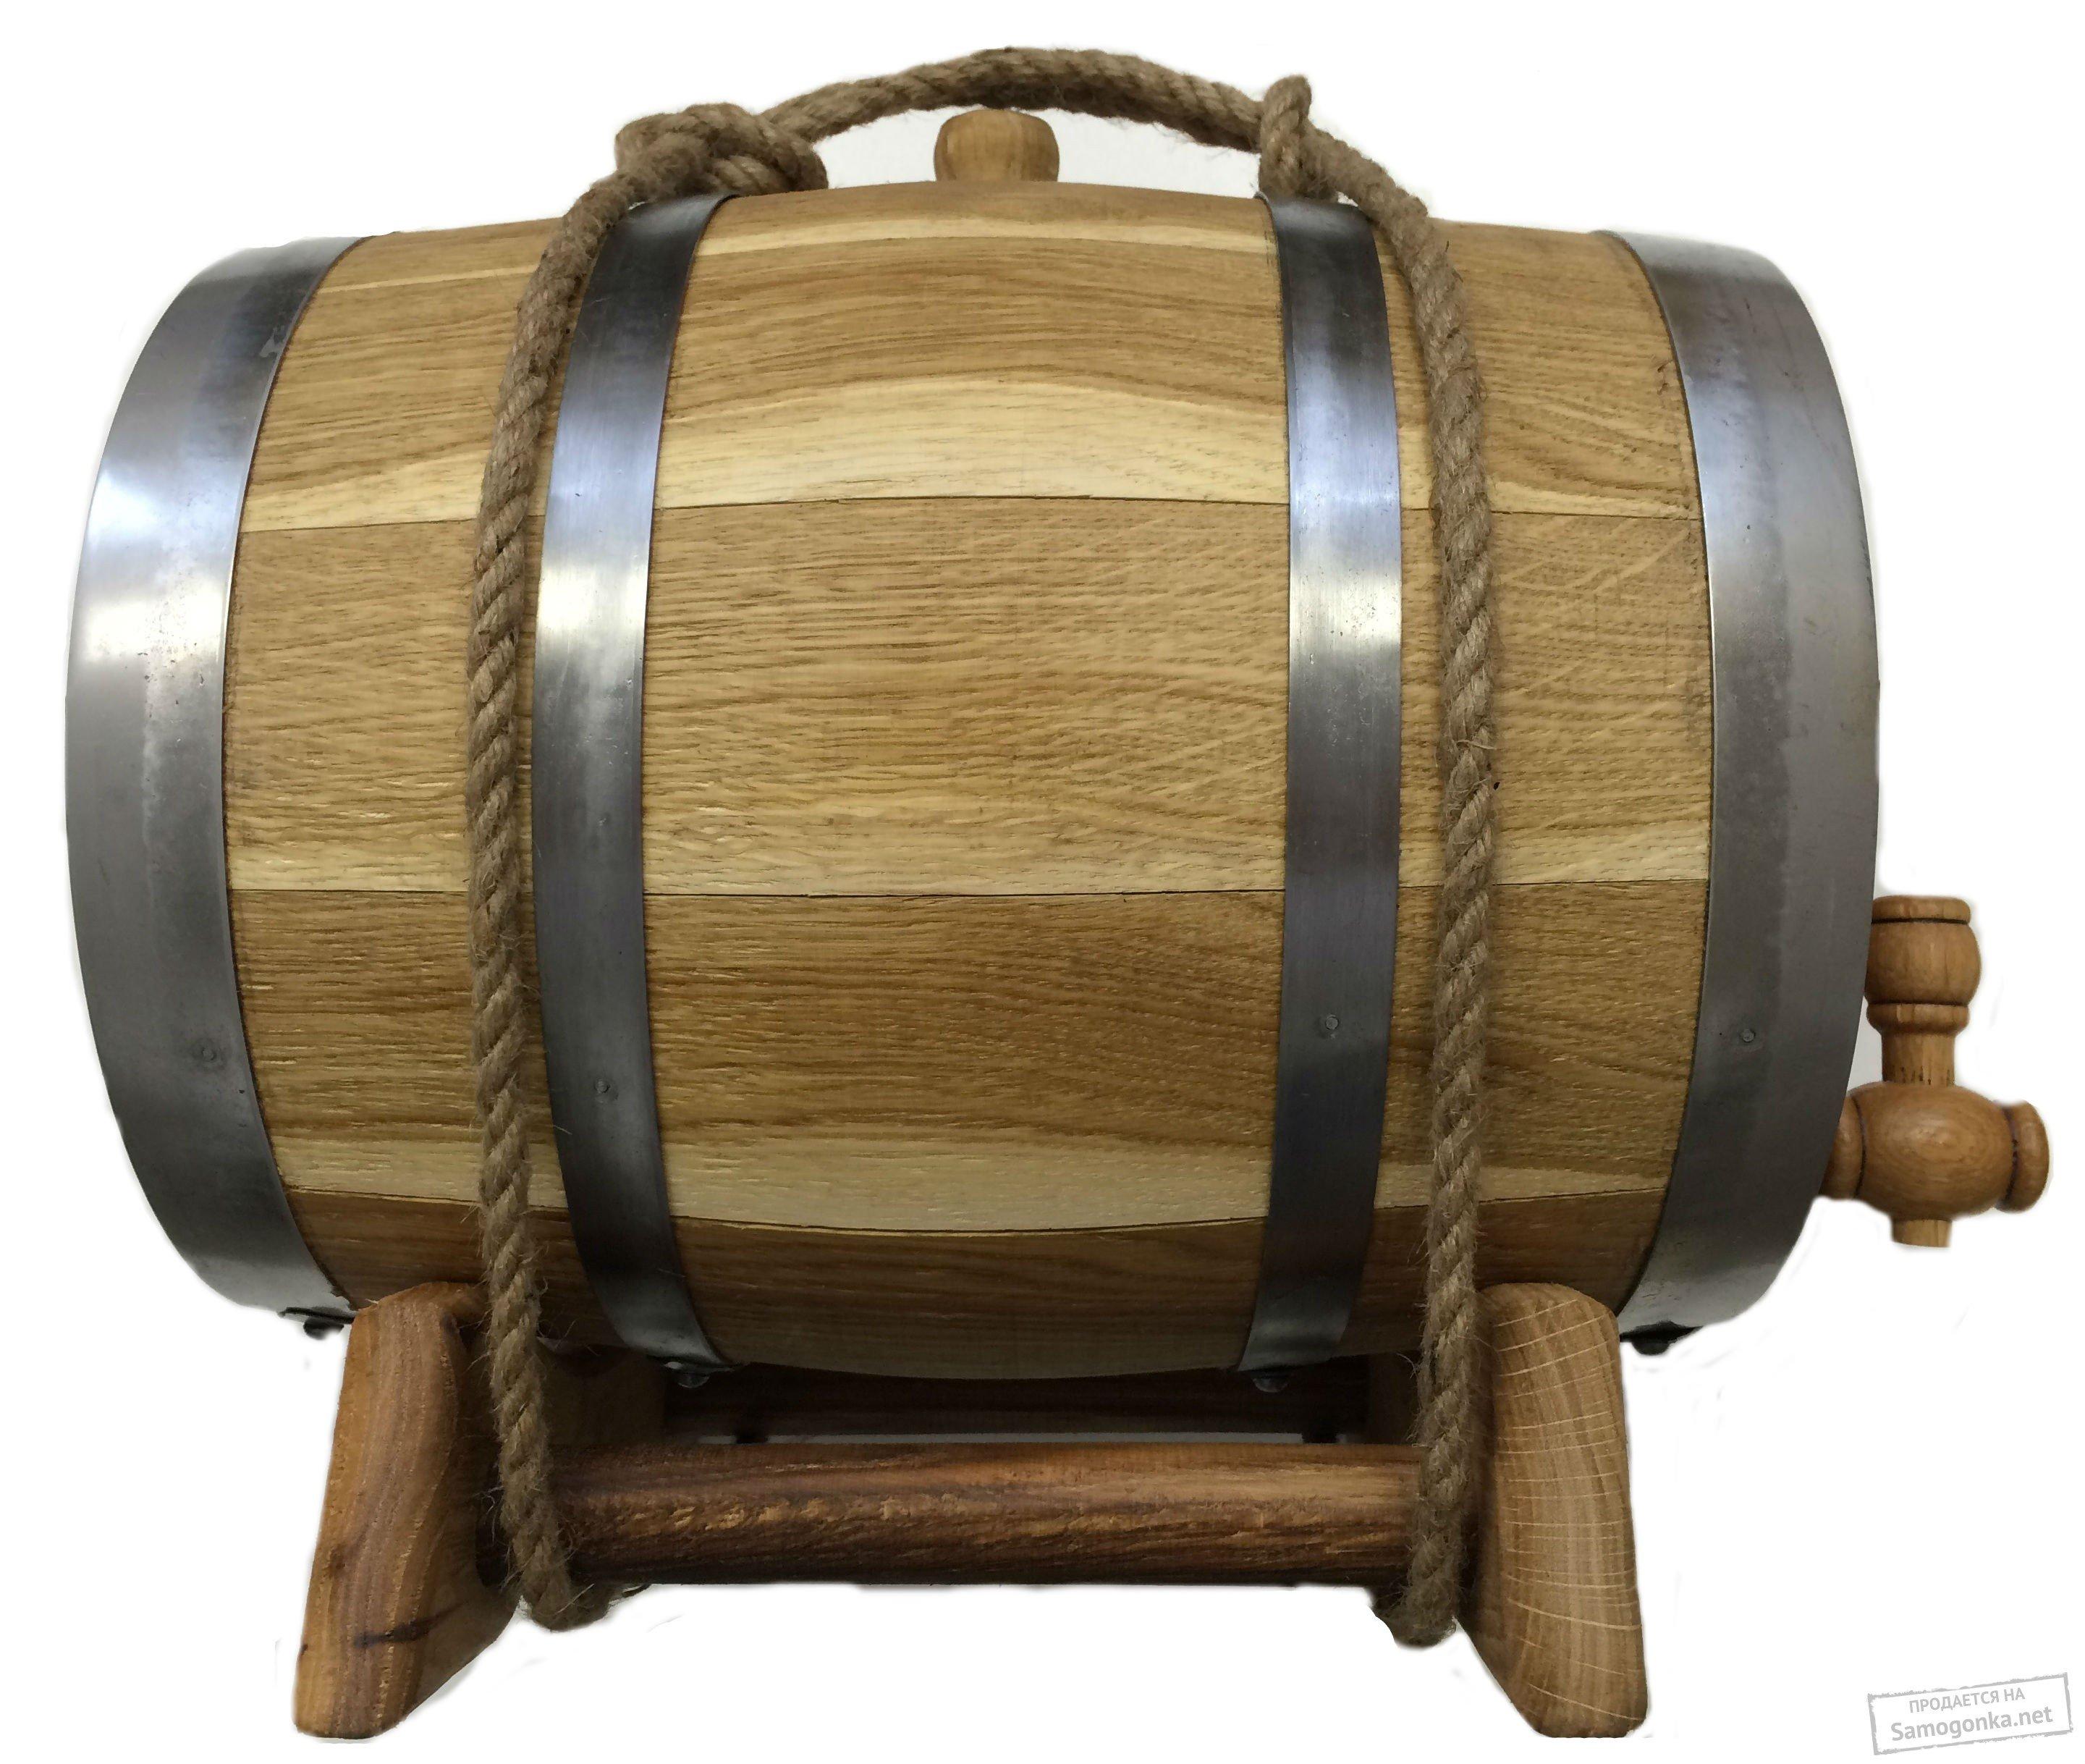 Бочка дубовая из кавказского дуба 3 л (литра) в оплетке для самогона.